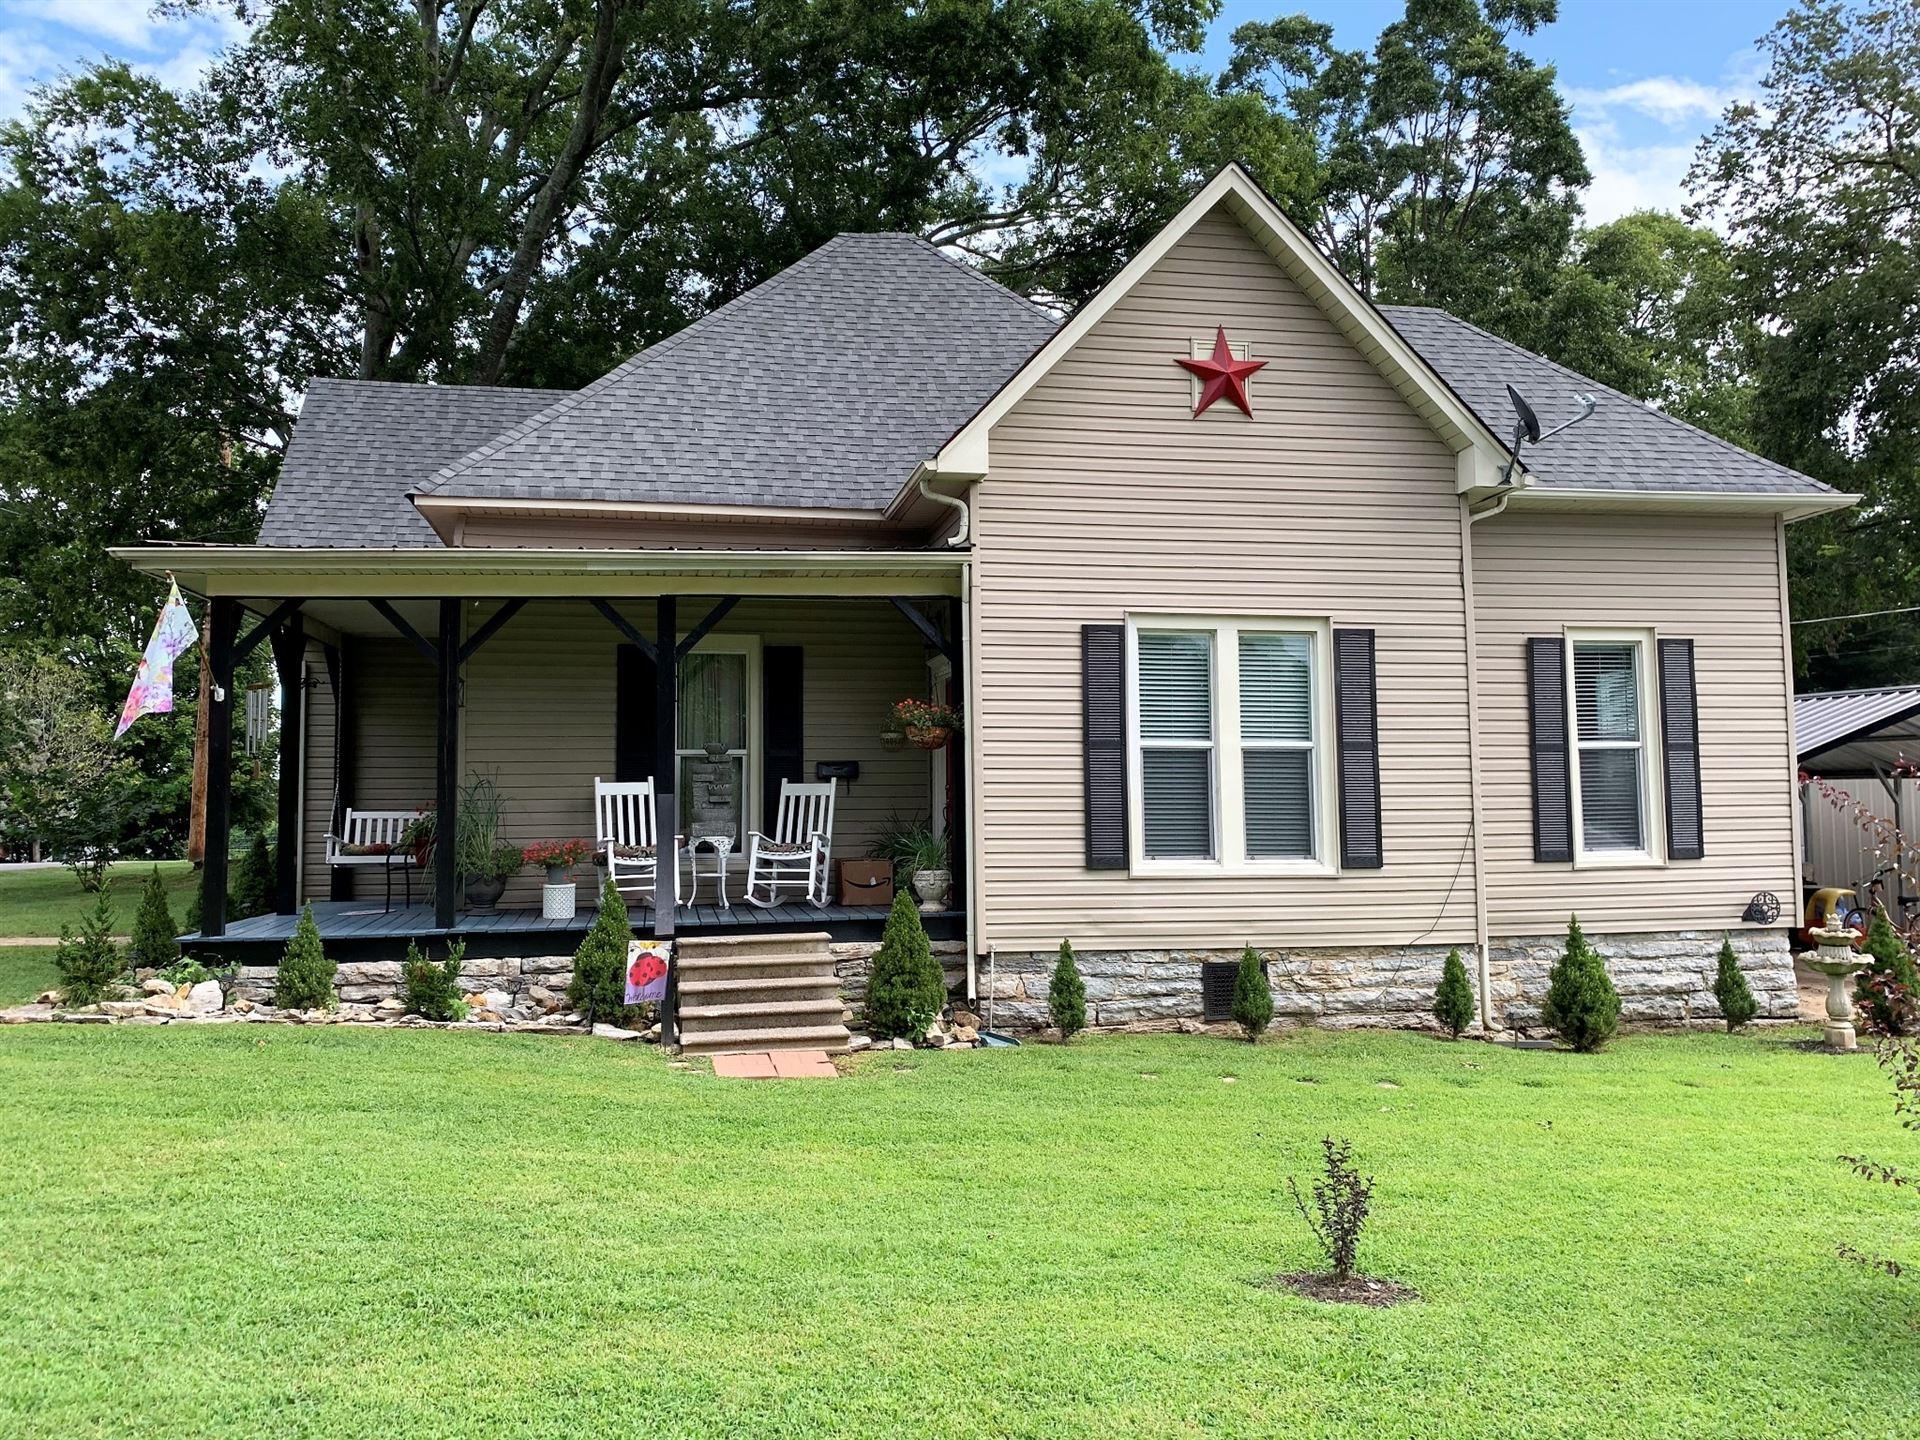 103 W Swan St, Centerville, TN 37033 - MLS#: 2180581